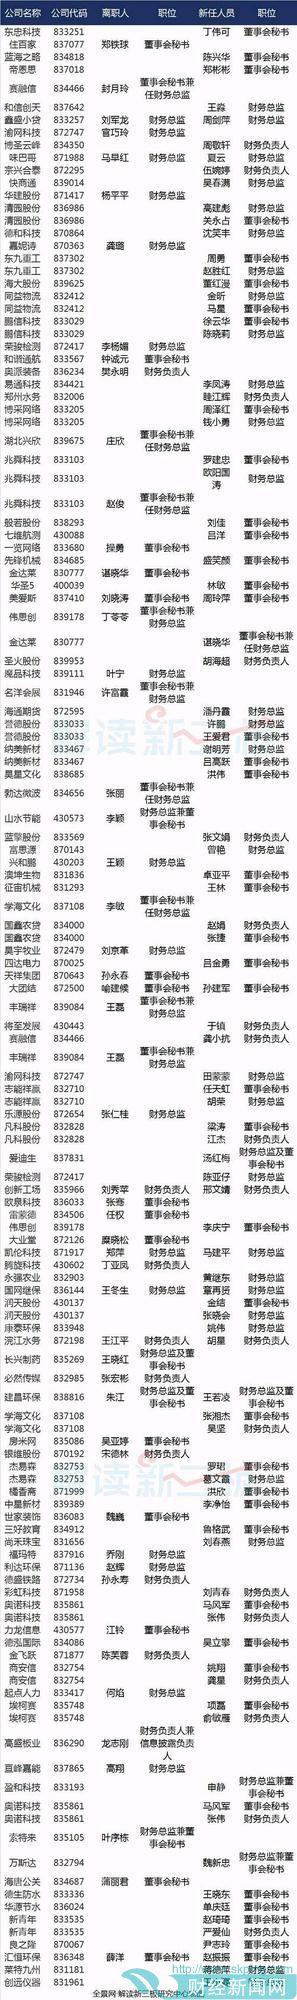 本周53位新三板董秘/财总离职 37家公司人员空缺